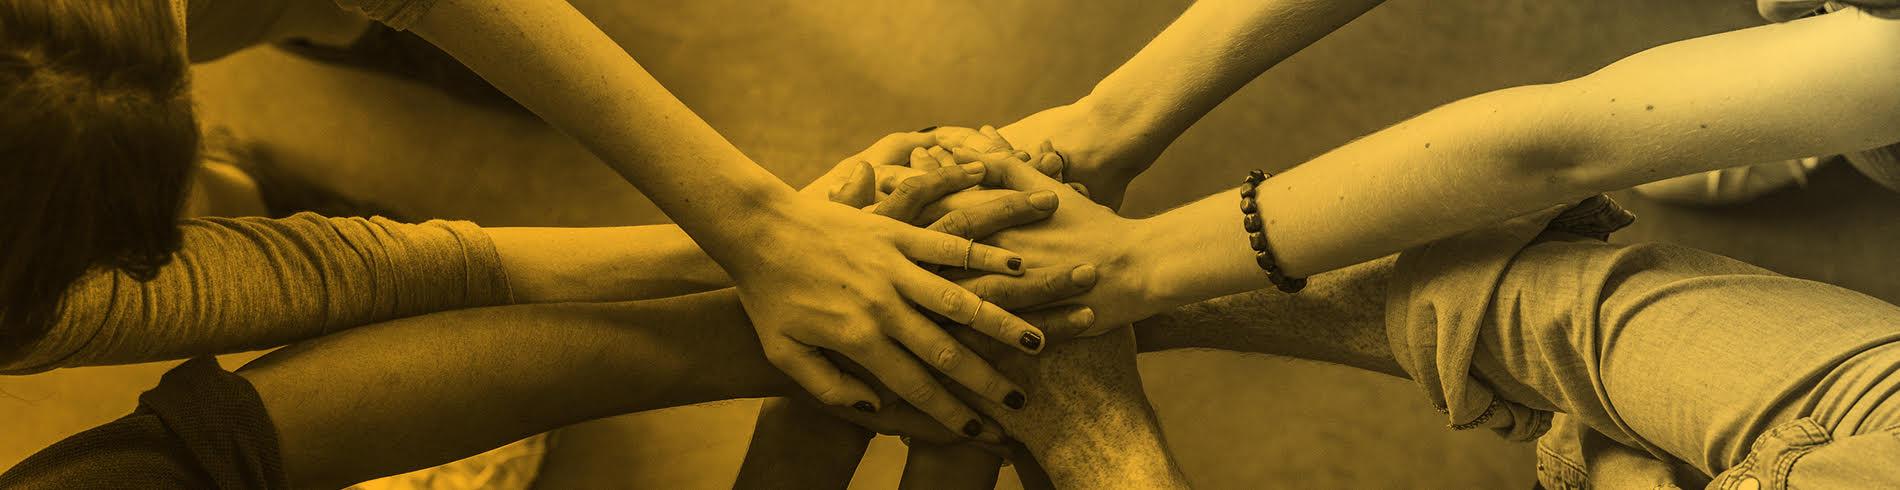 mans fent equip